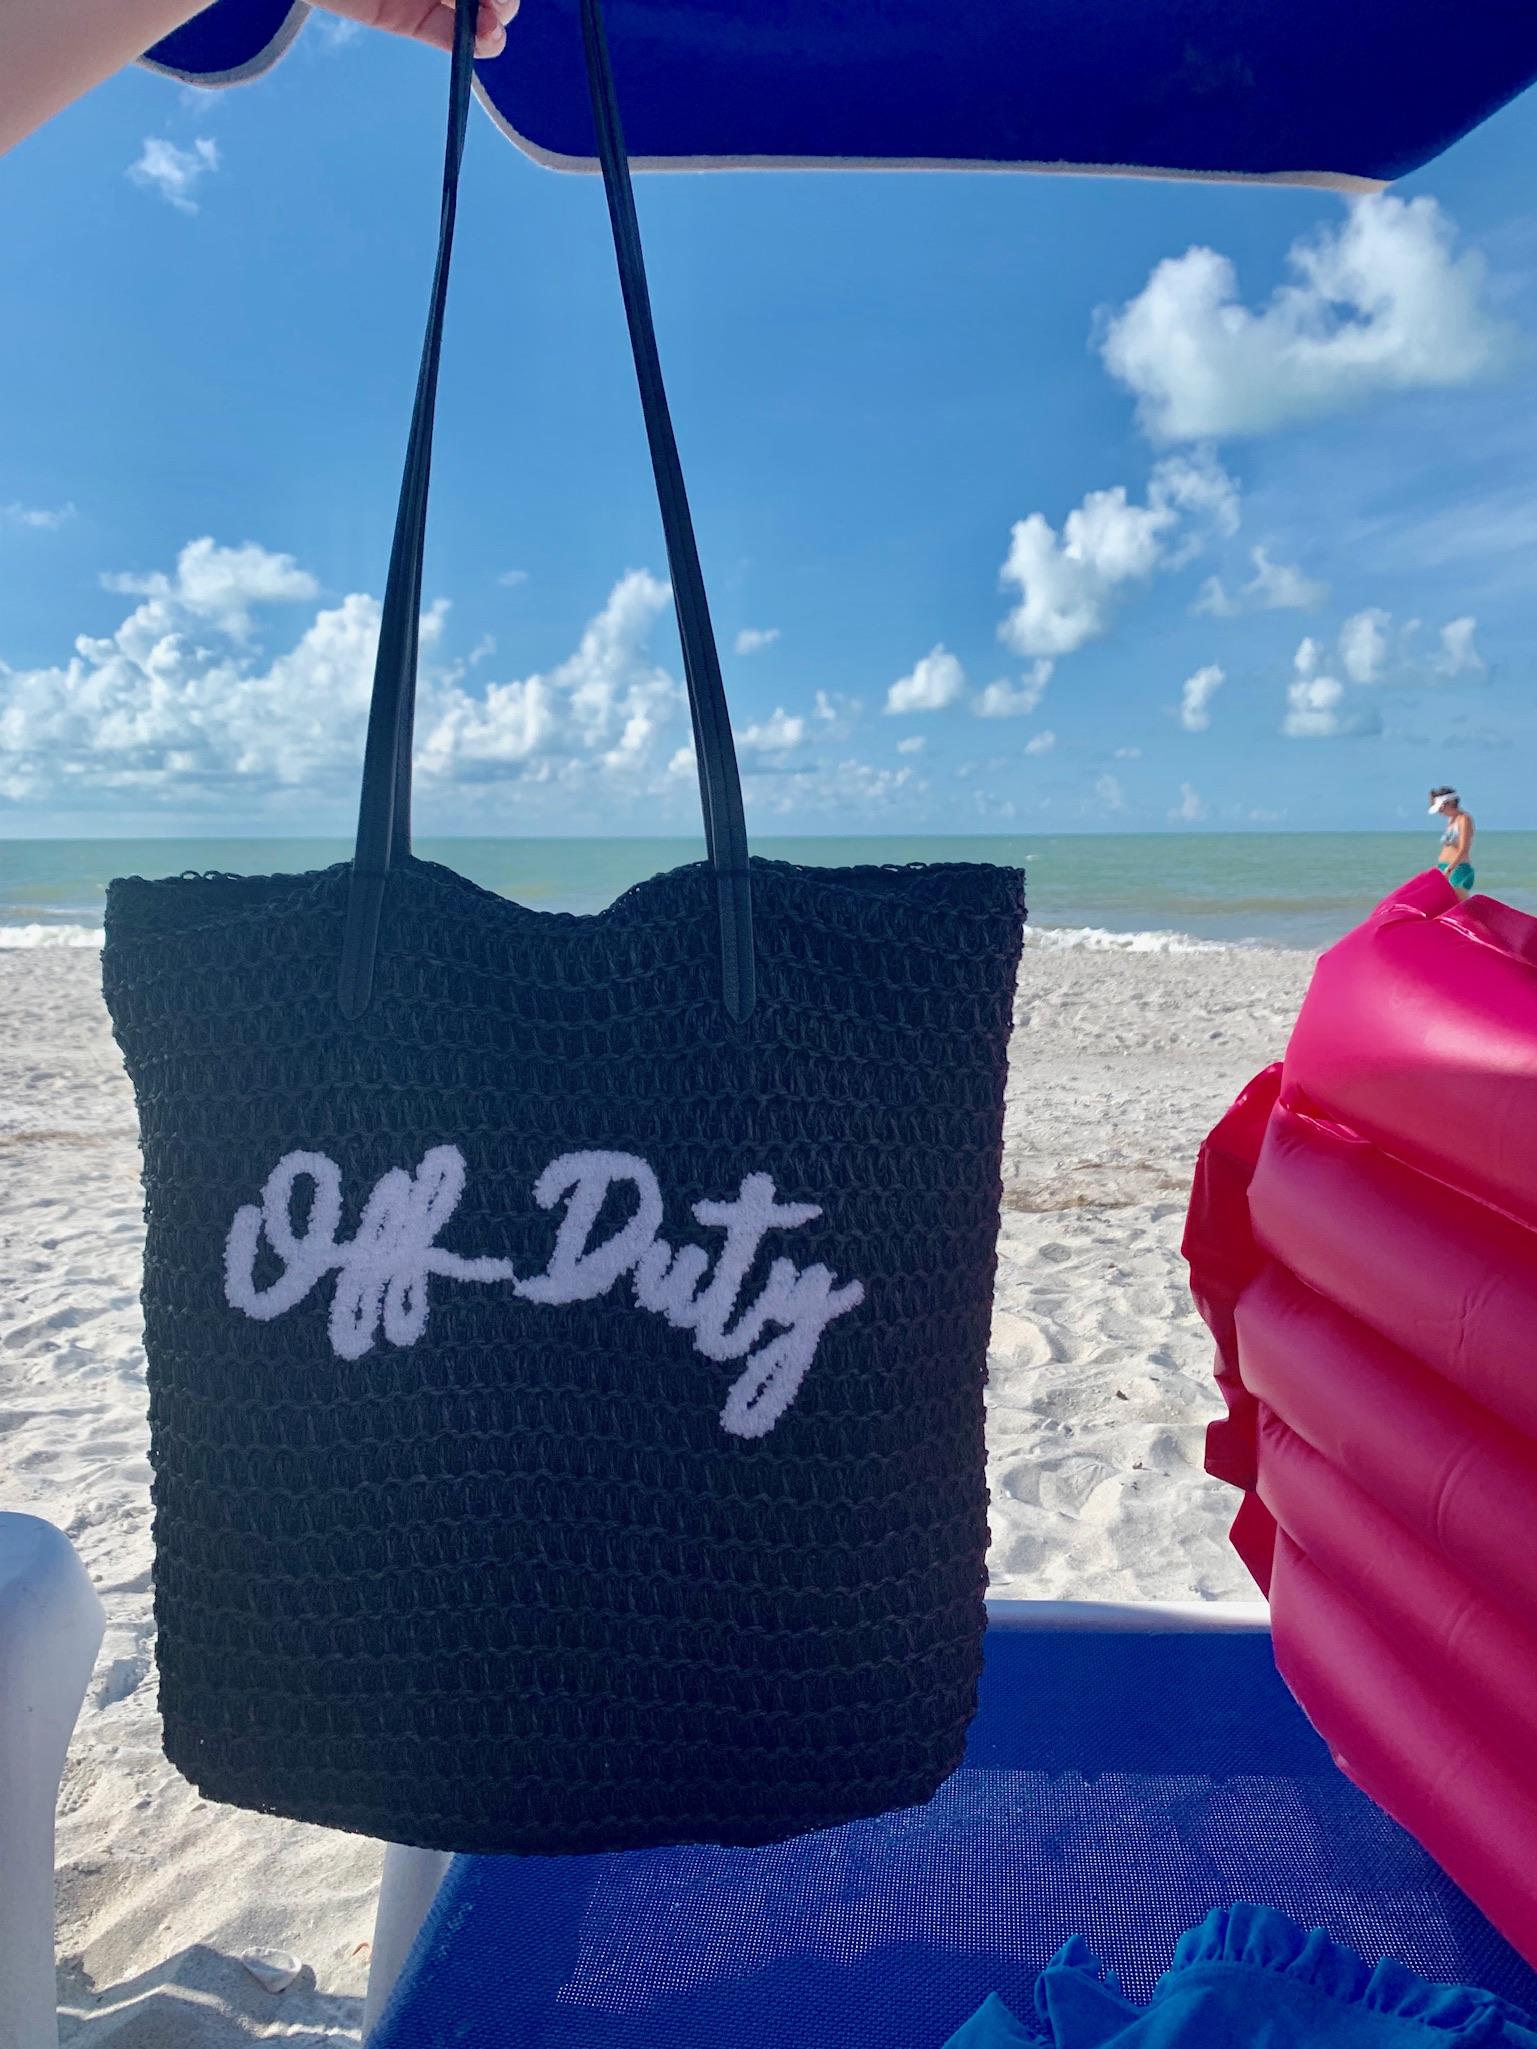 beach bag from sanibel beach trip